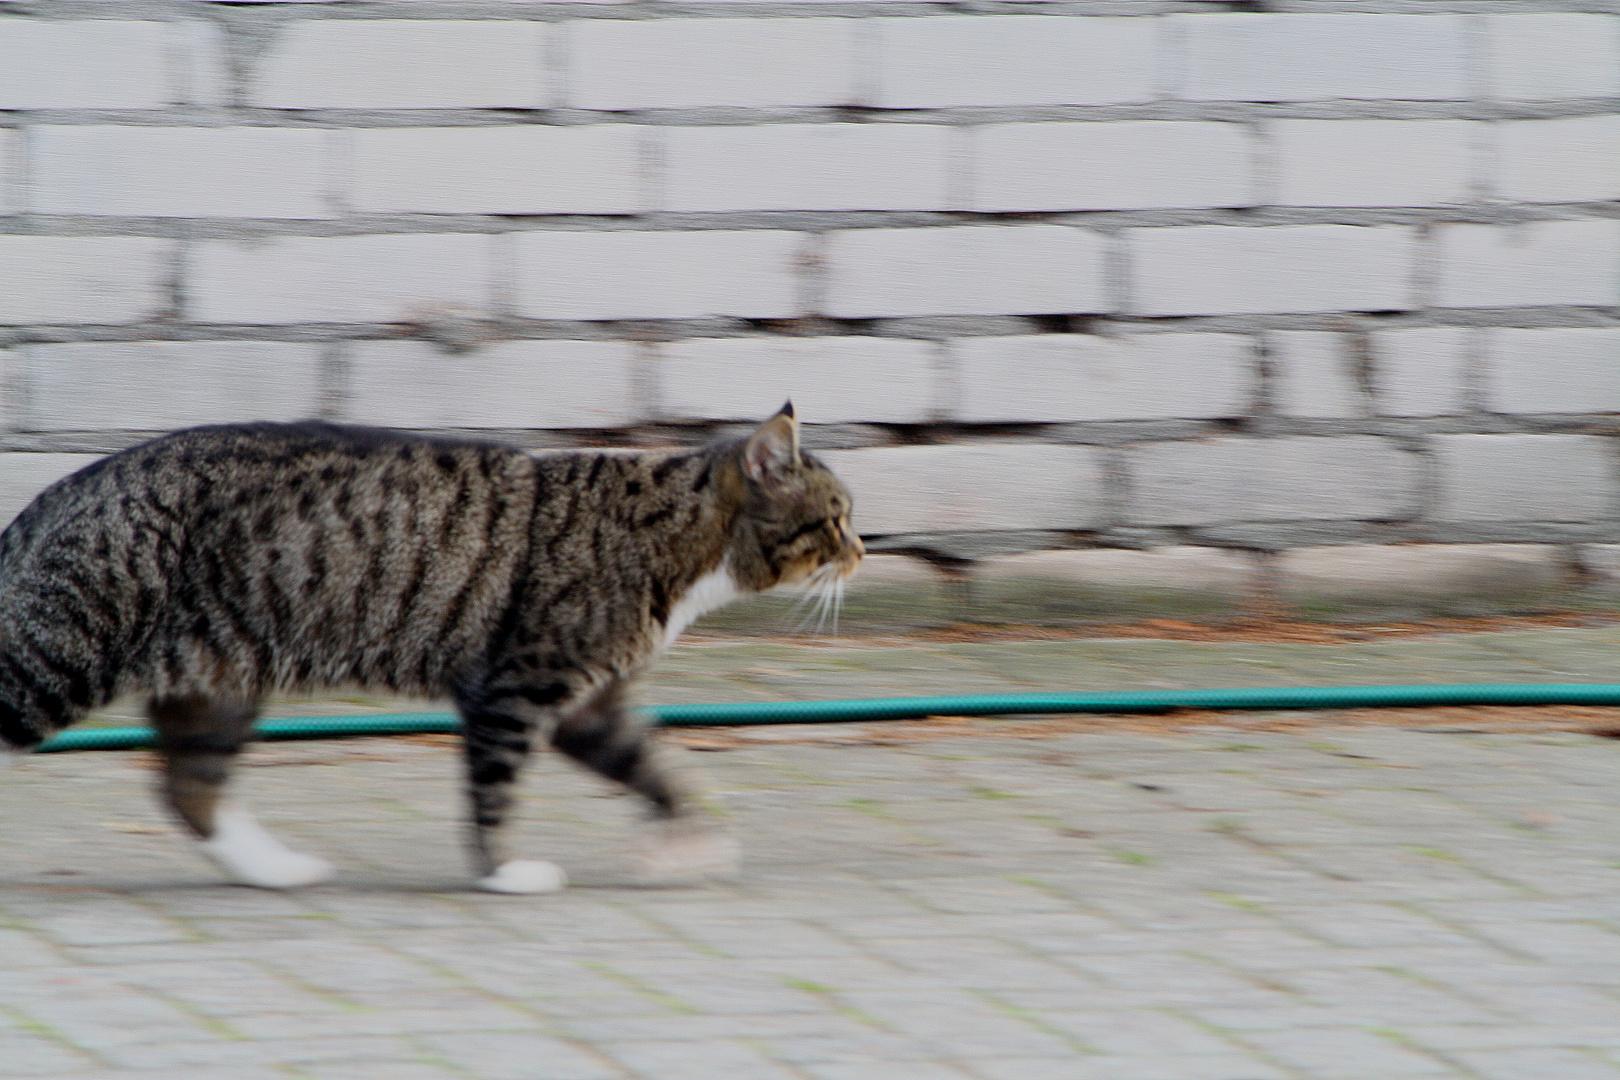 Lenny walking